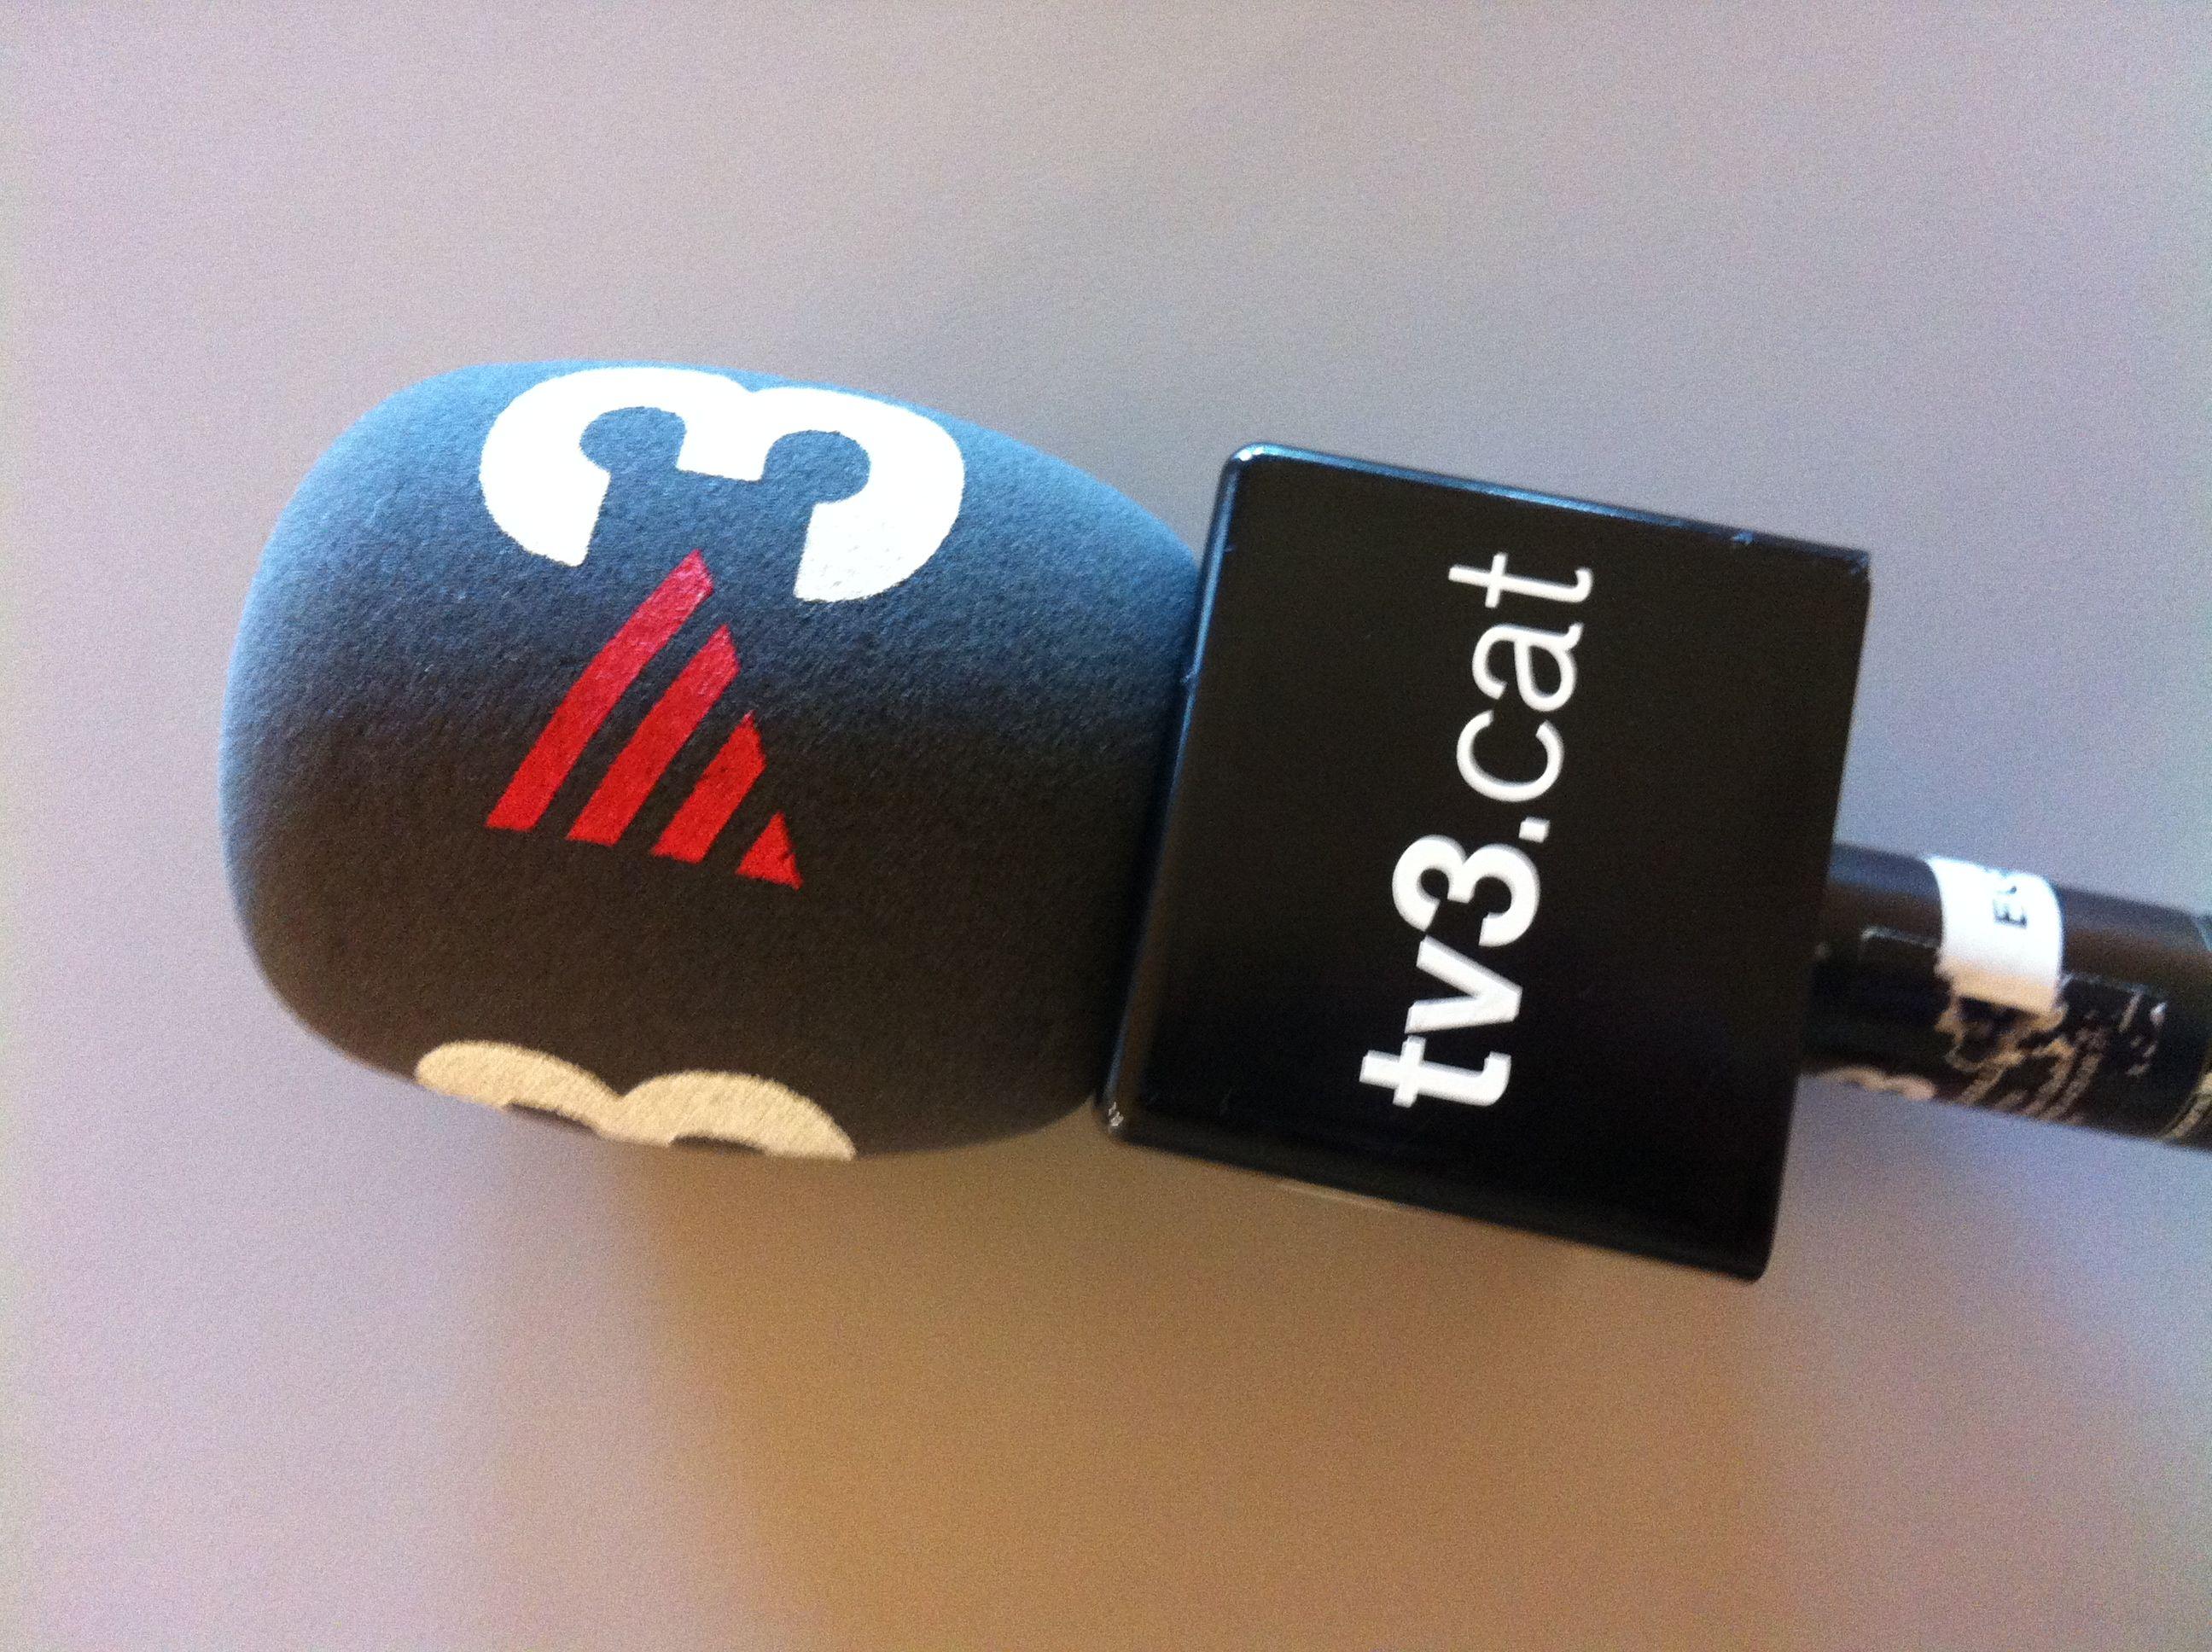 Micròfon Tv3 (2)